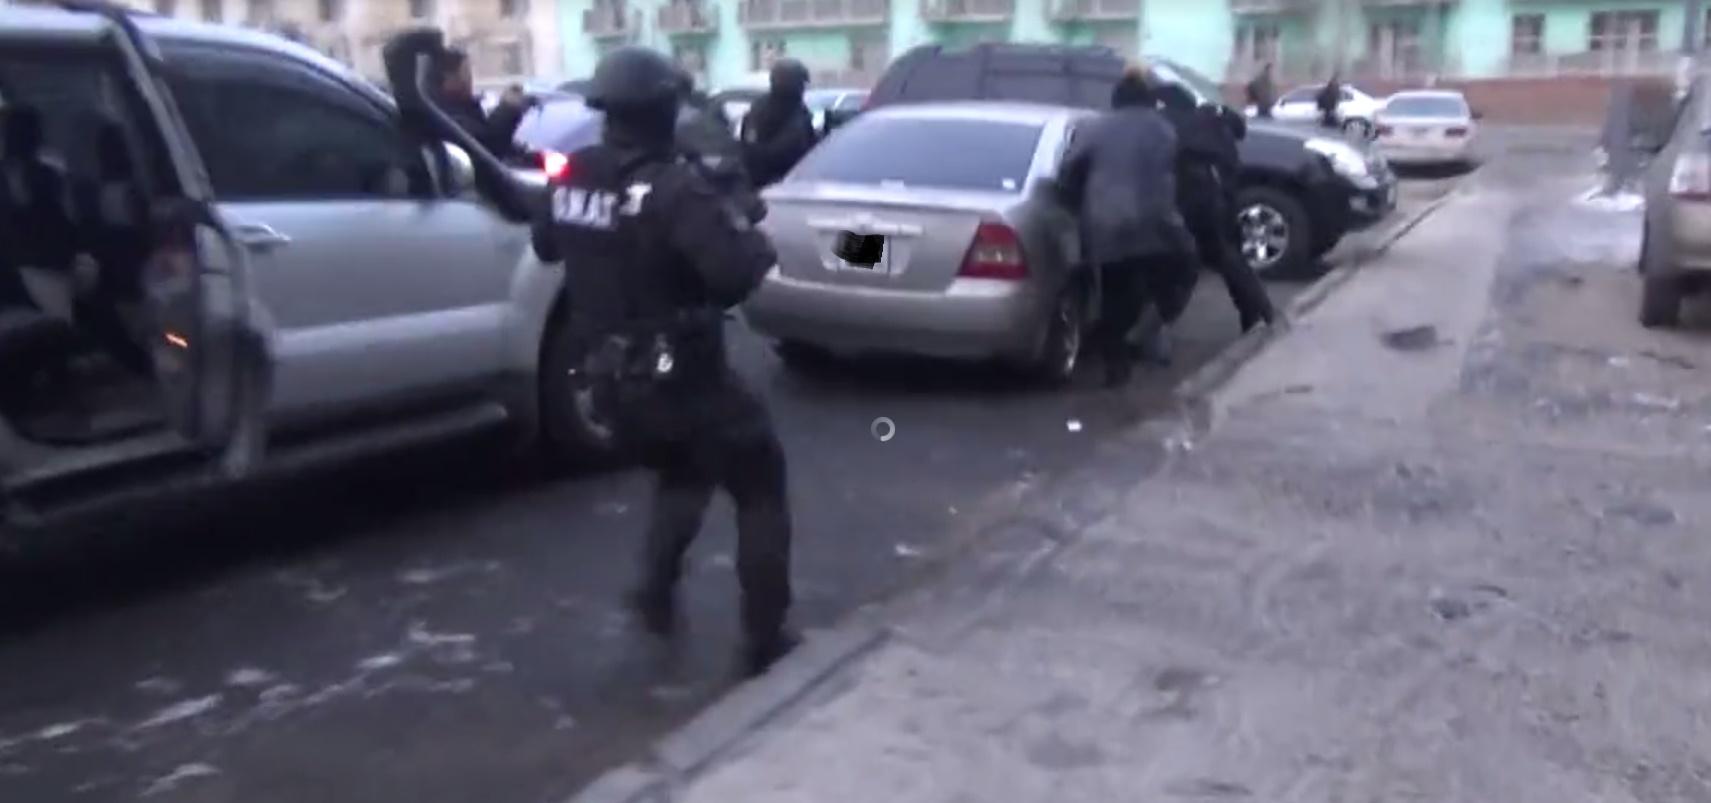 Бичлэг: Манайд хар тамхины МАФИ-ийн бүлэглэлийн зарим гишүүдийн баривчилж байгаа бичлэг цацагдлаа